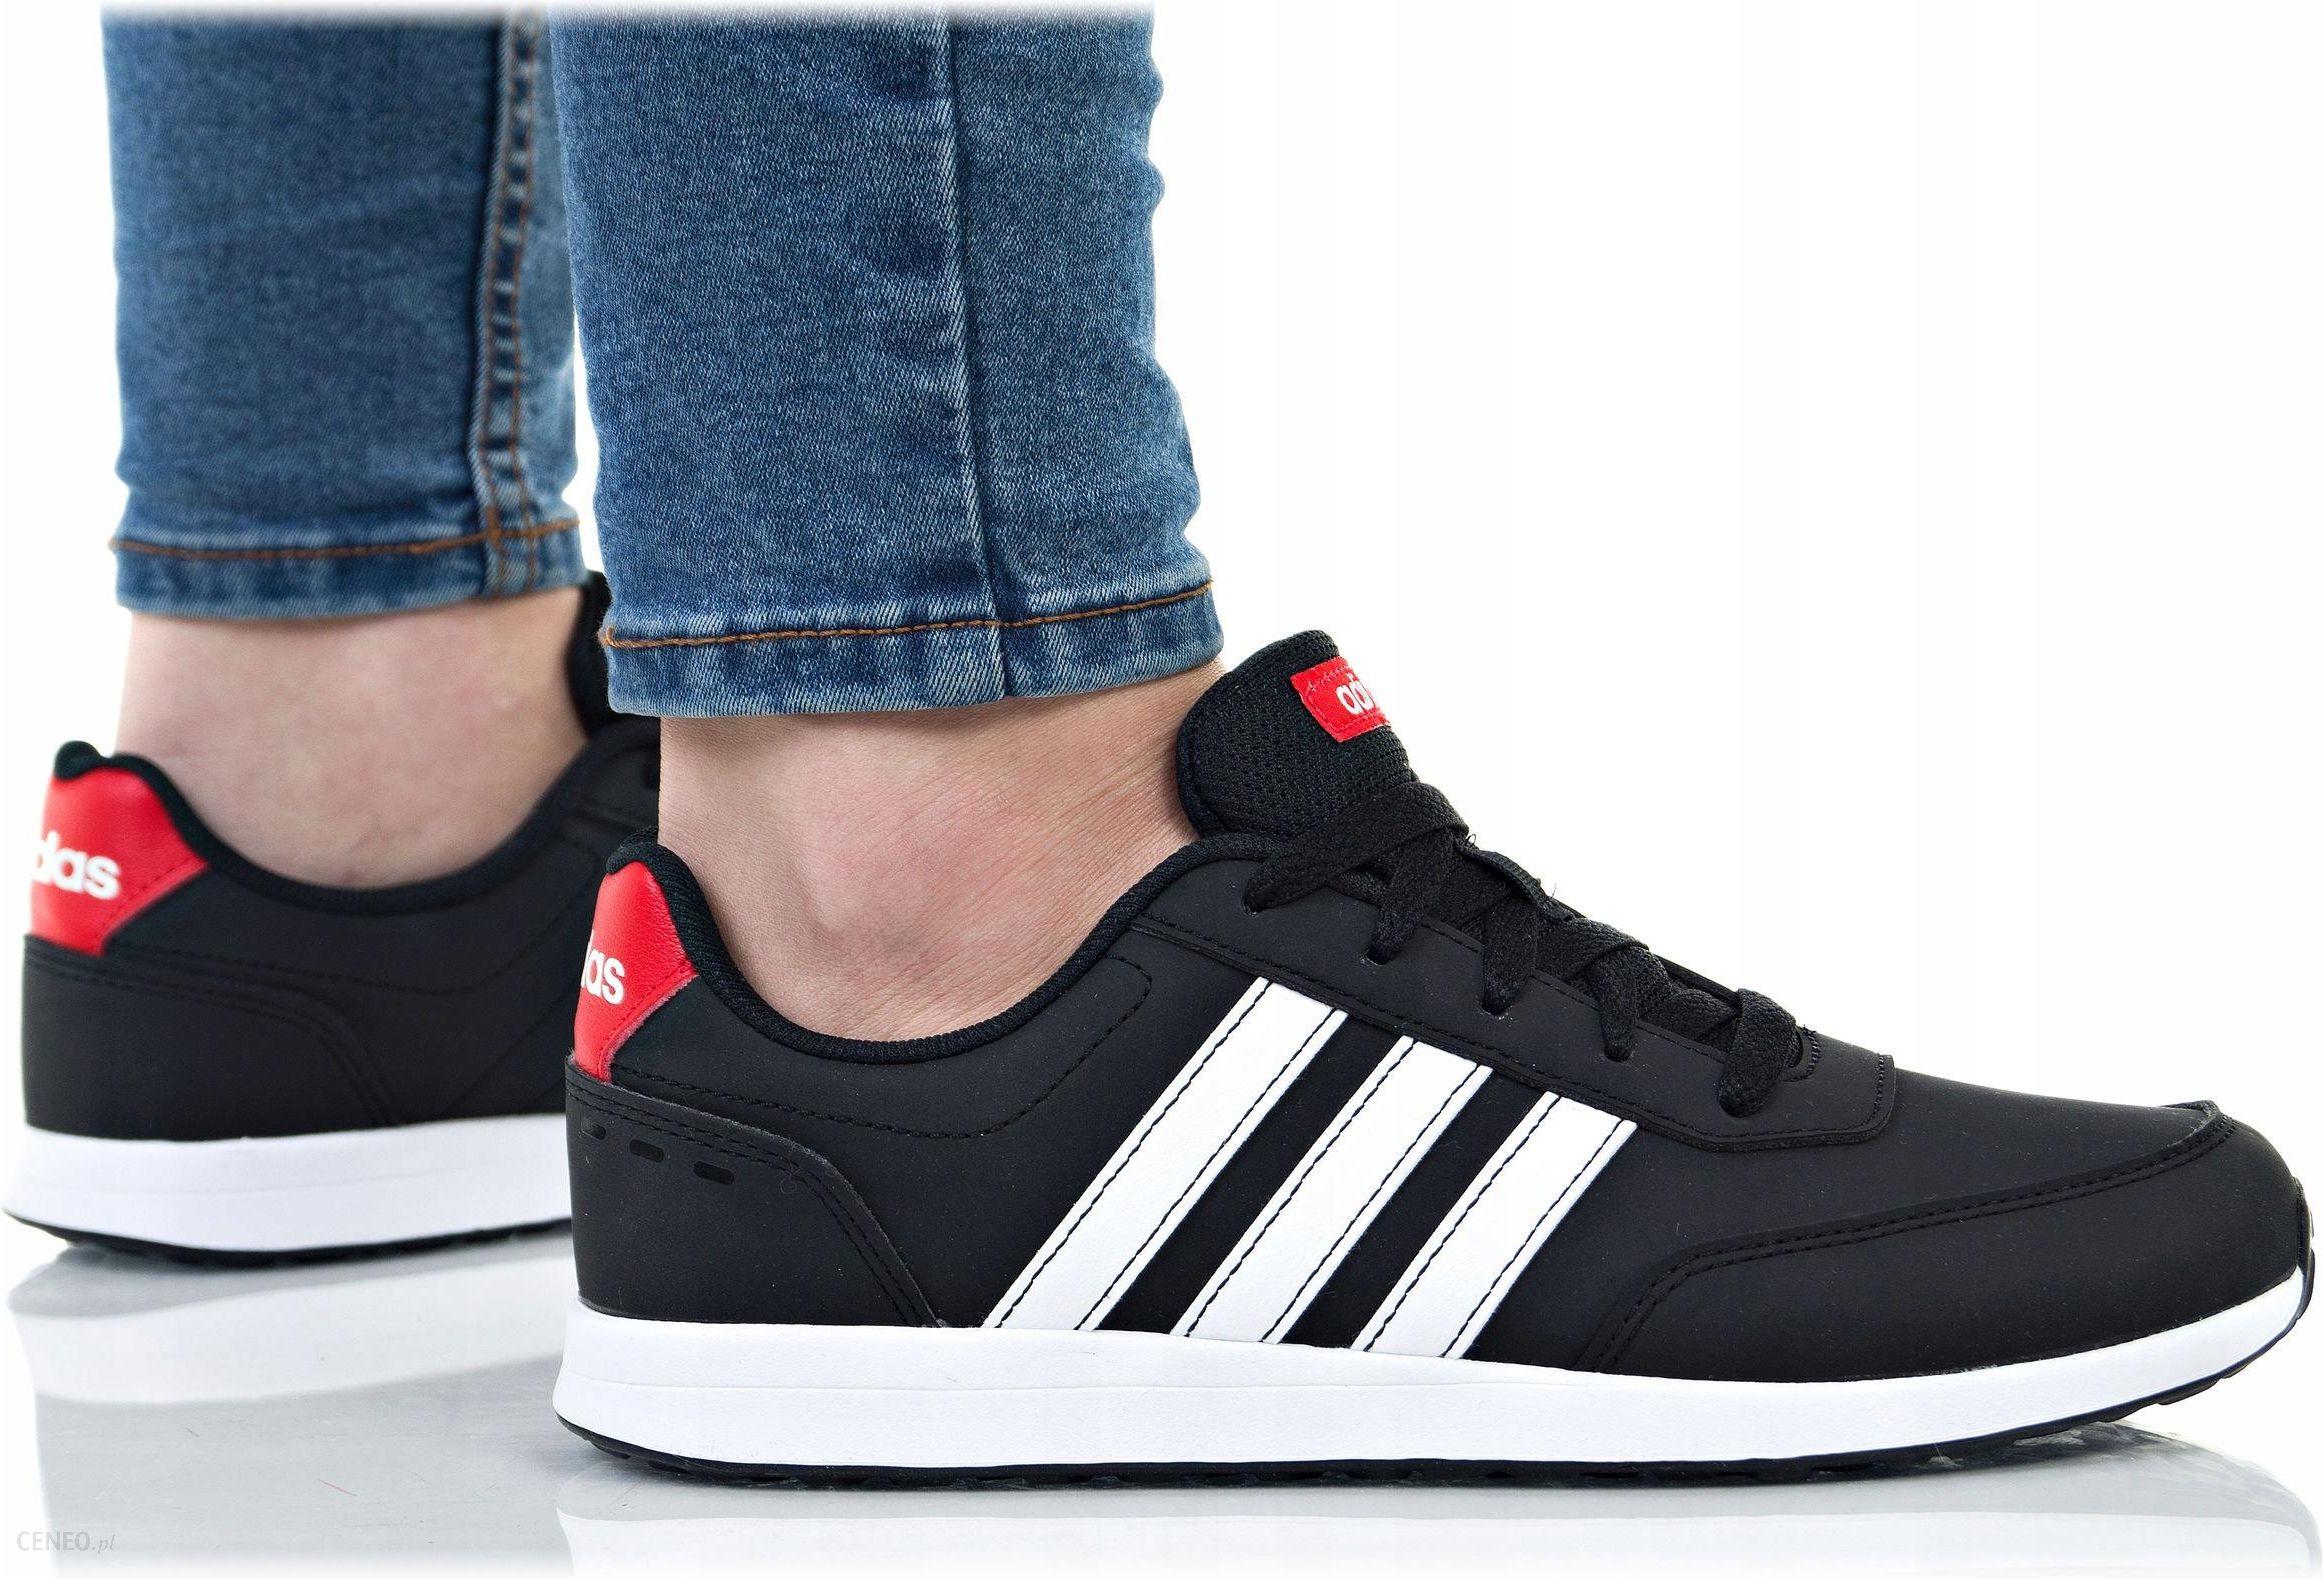 Buty Adidas Damskie Vs Switch 2 K G26872 Czarne Ceny i opinie Ceneo.pl